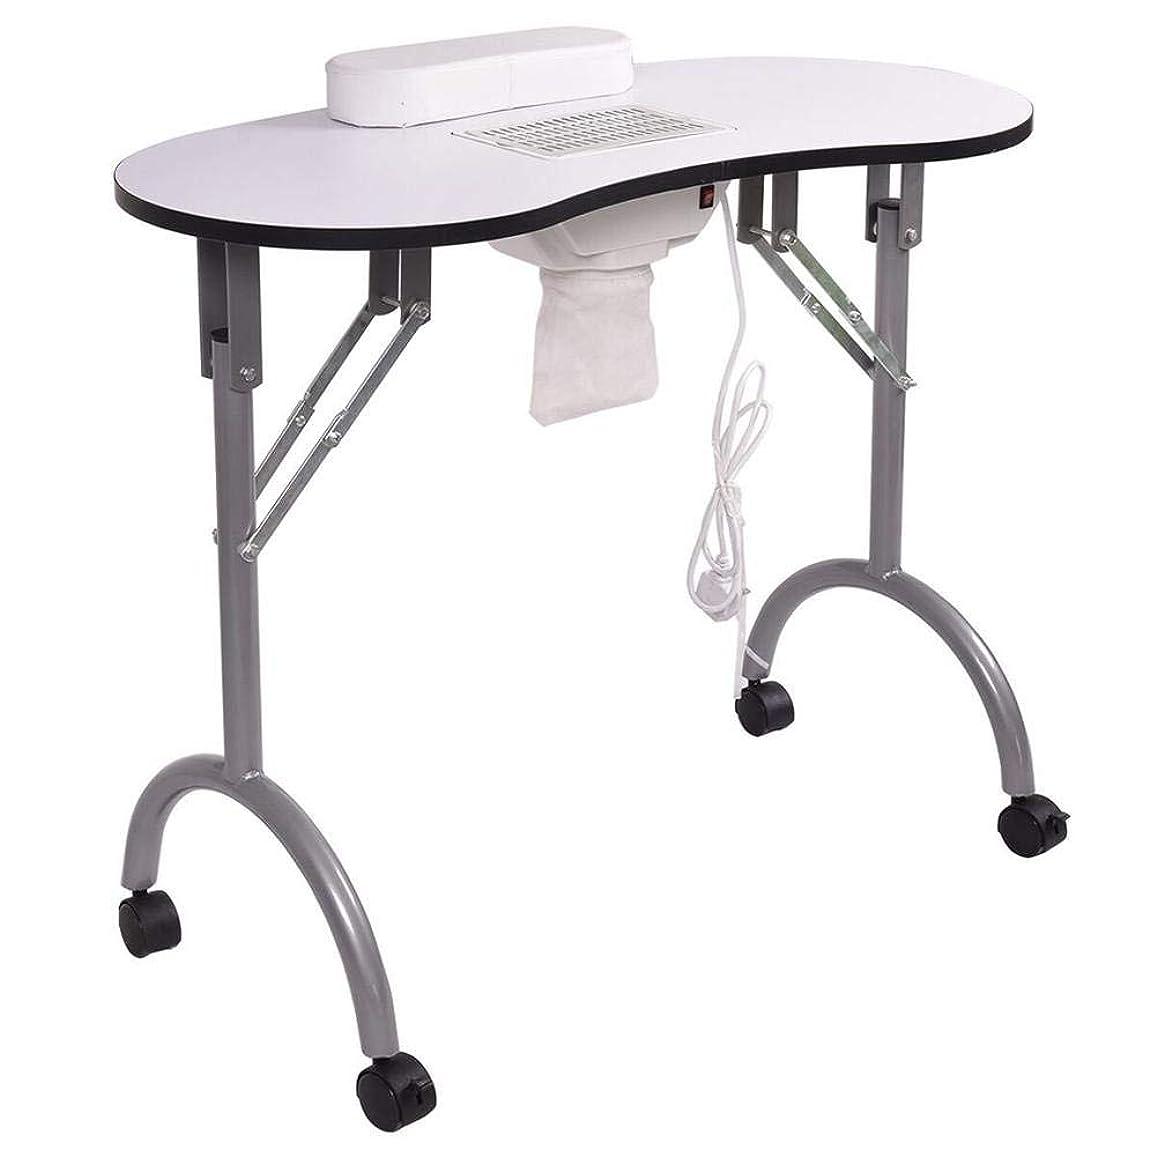 もの押すこだわりネイルテーブルマニキュアテーブル折りたたみポータブルベントネイルデスクワークステーションサロンスパwithネイル掃除機andbag